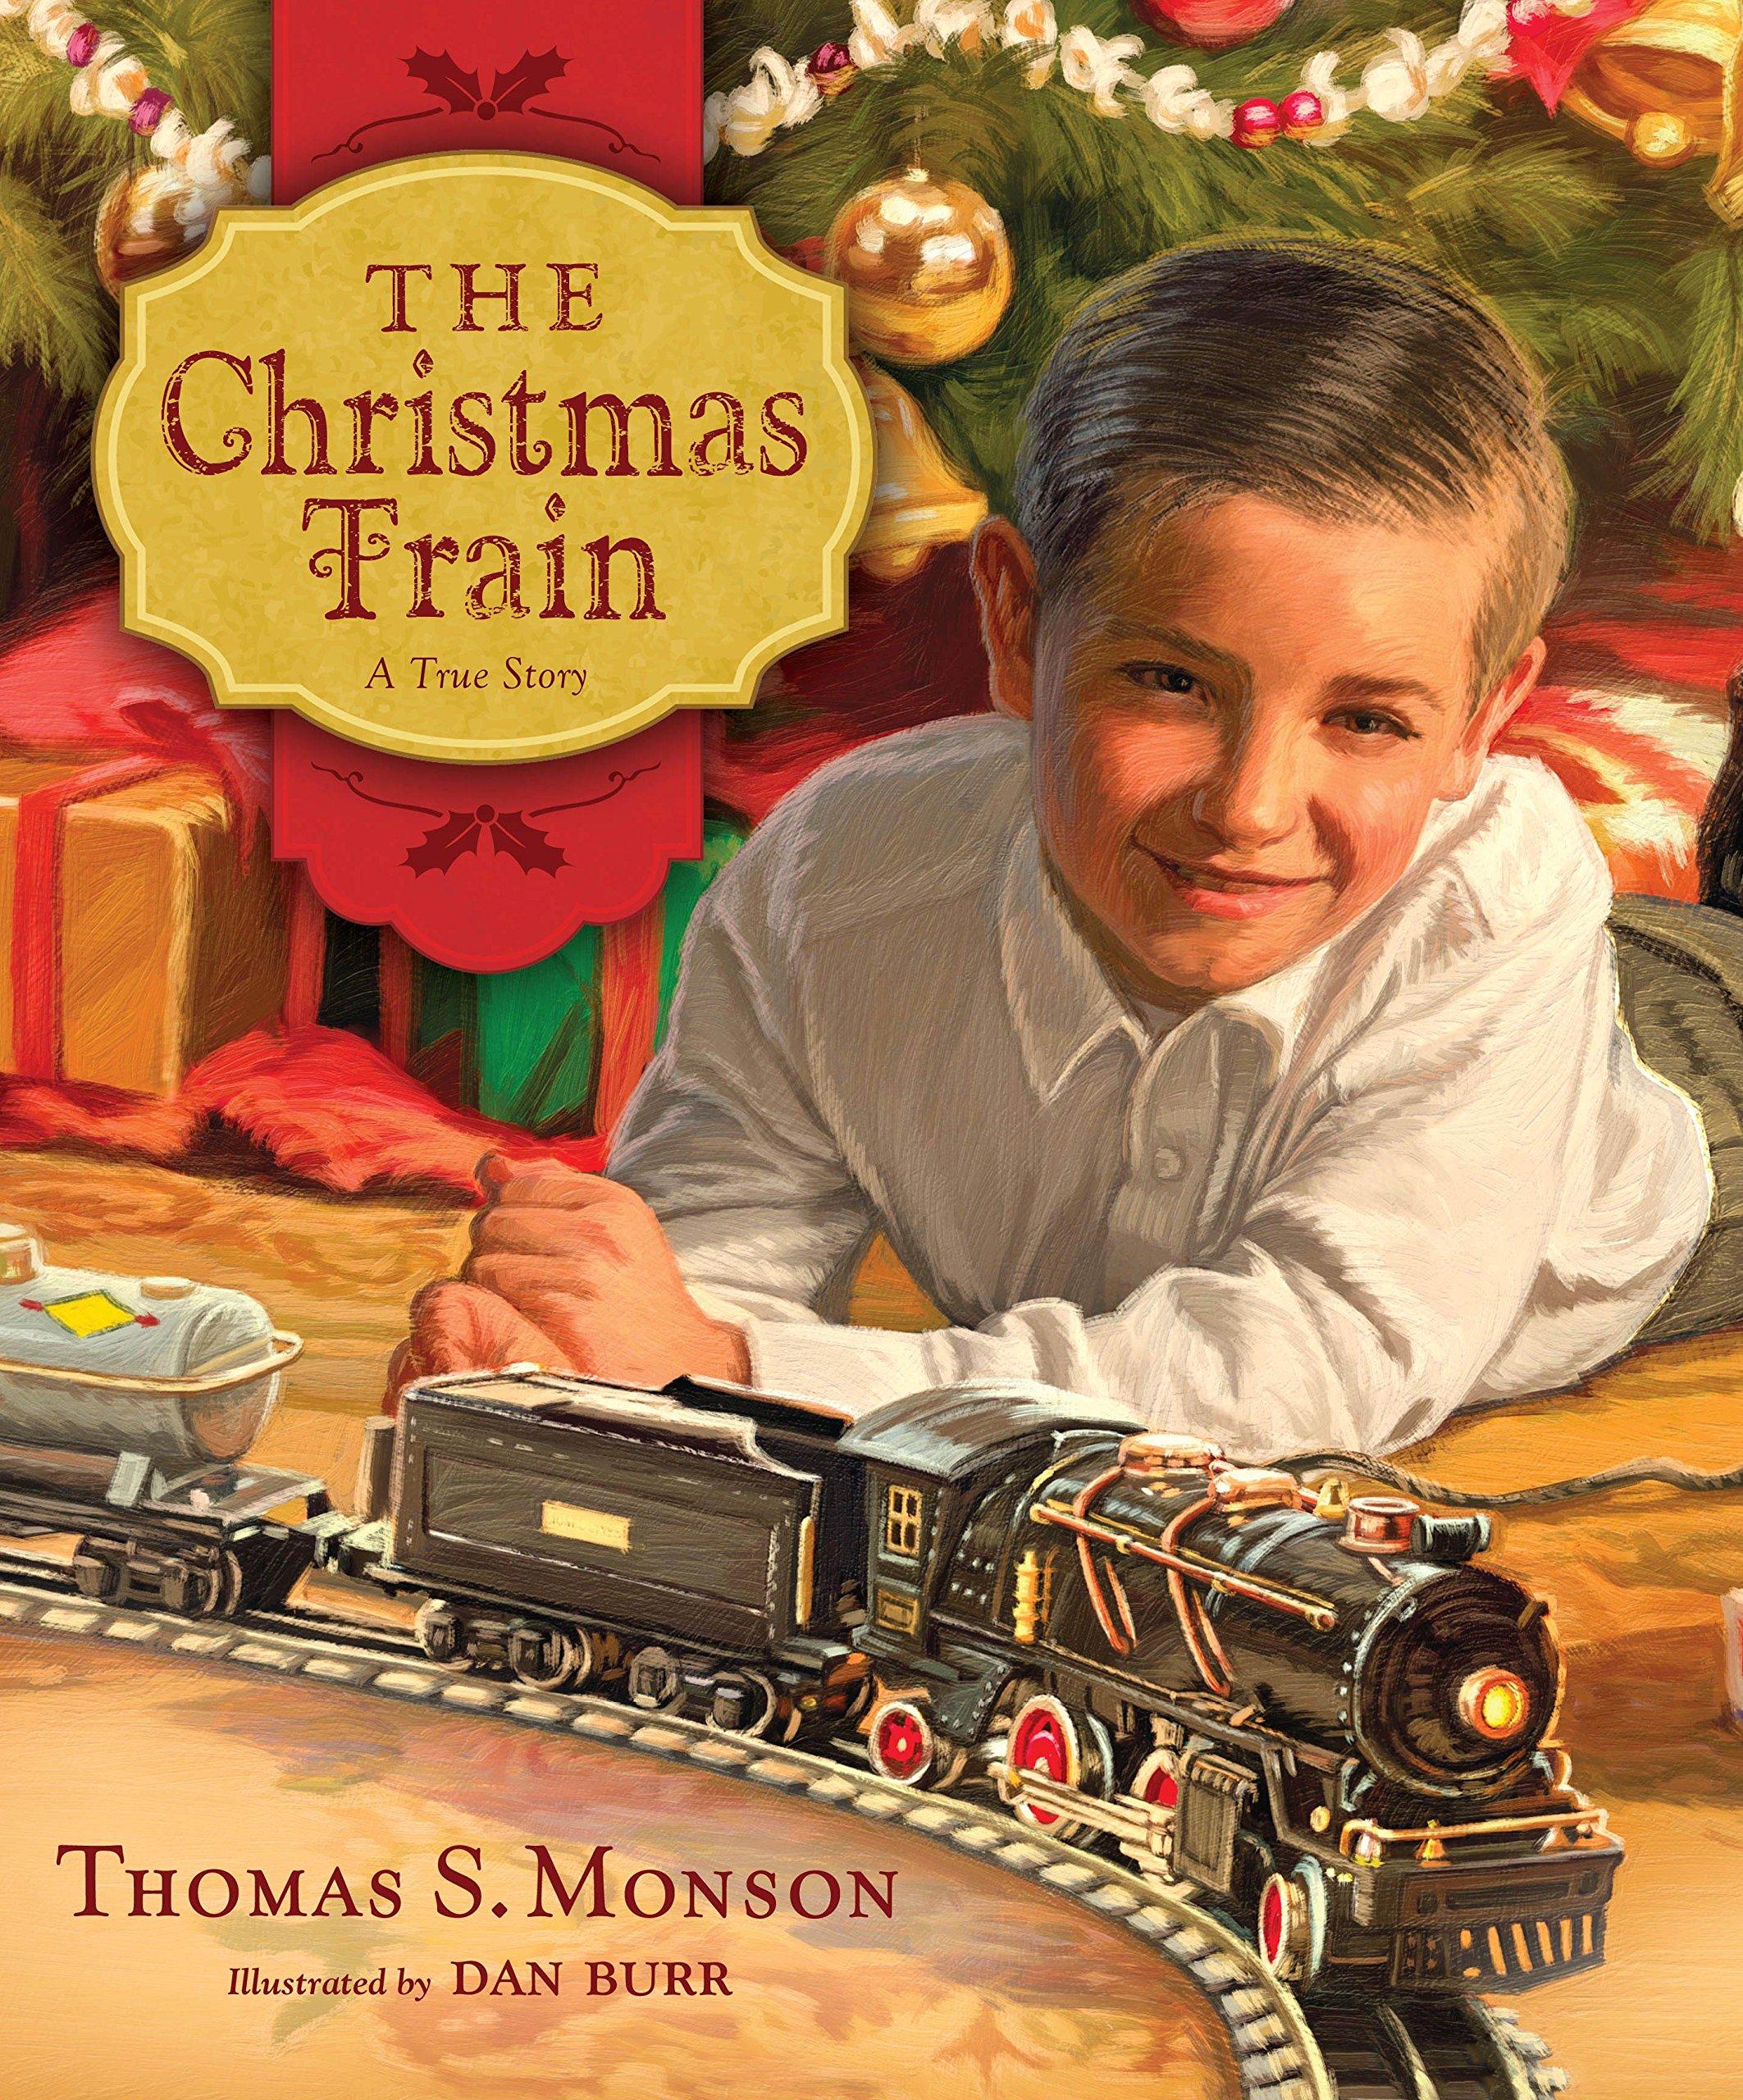 christmas train monson thomas s 9781609071820 amazoncom books - The Christmas Train